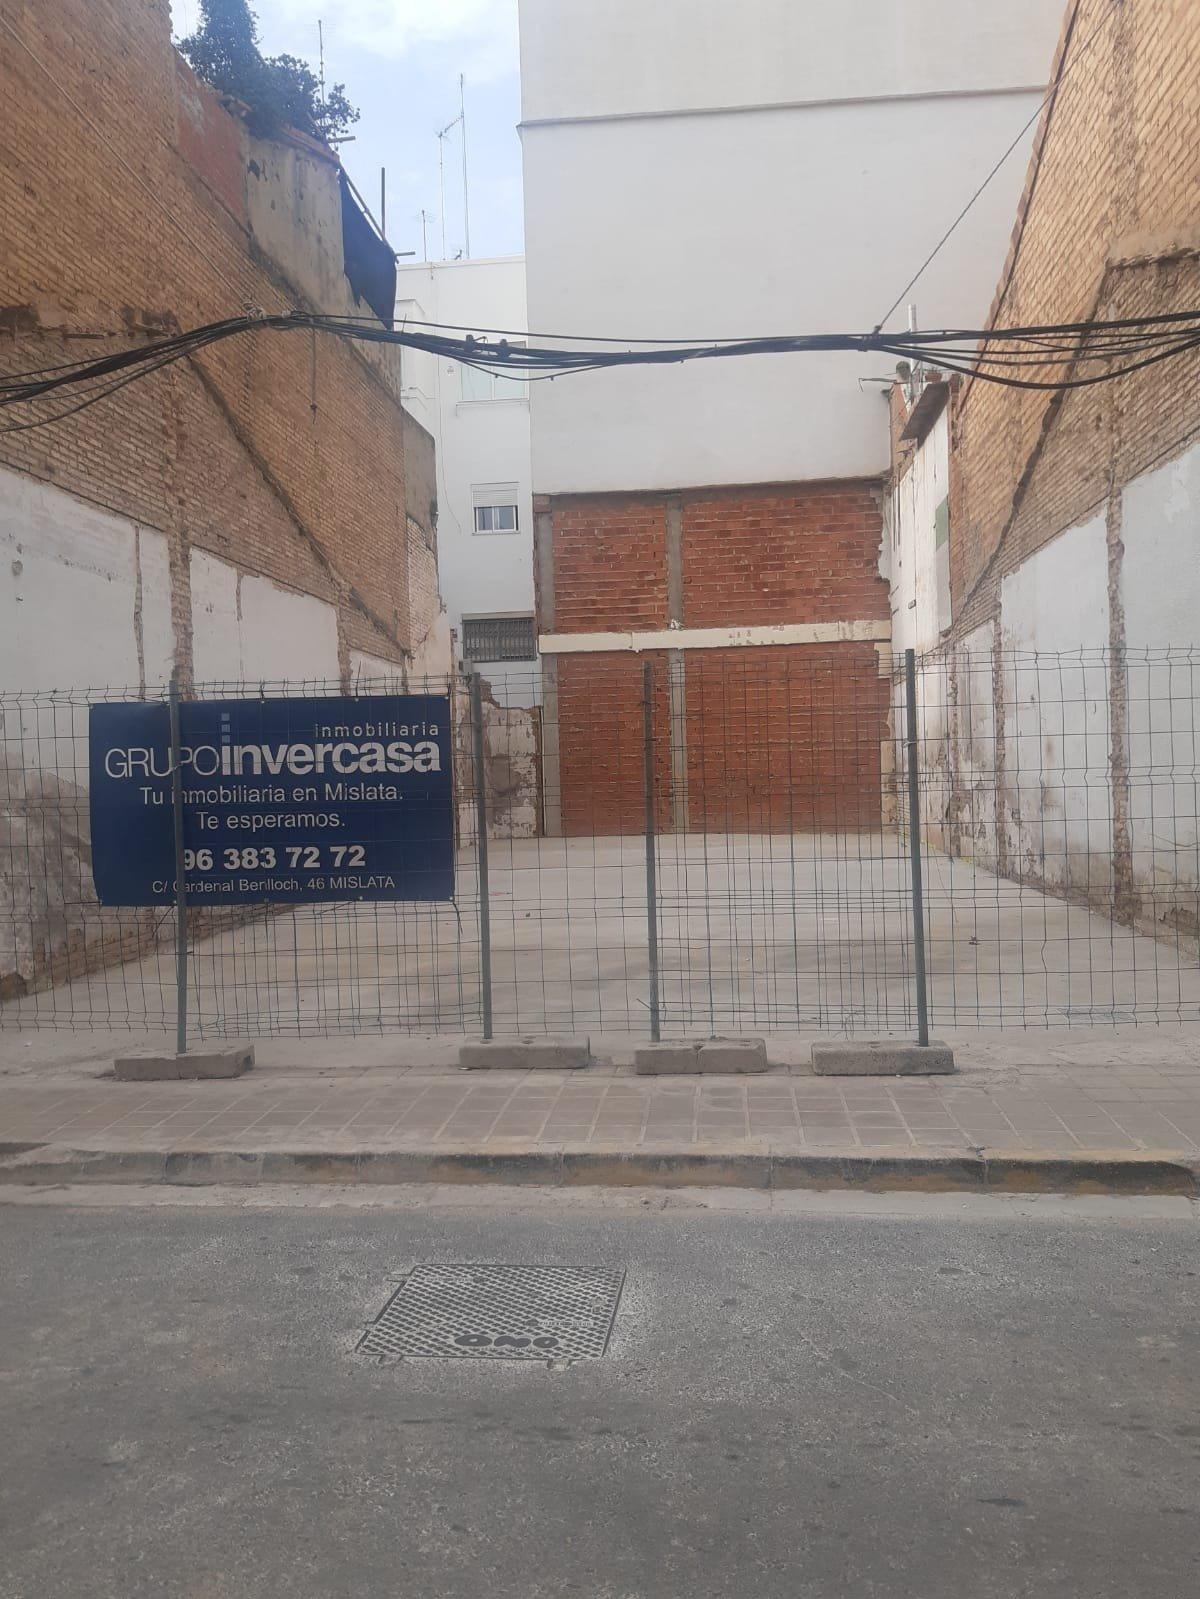 Urban plot  Mislata ,zona avd. del cid - mislata. Solar en venta en zona avenida el cid - mislata